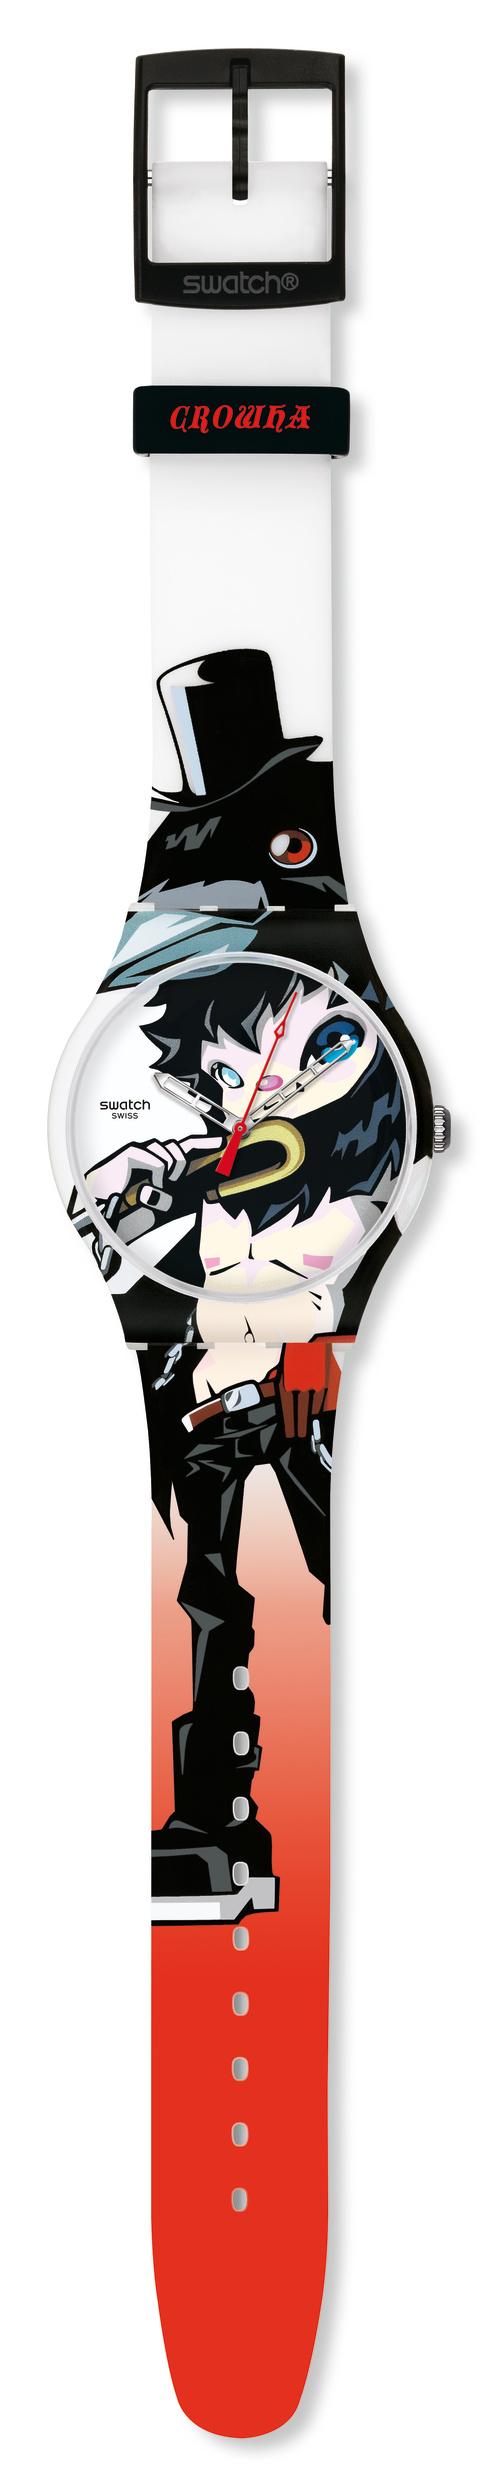 swatch x Hiroyuki Matsuura